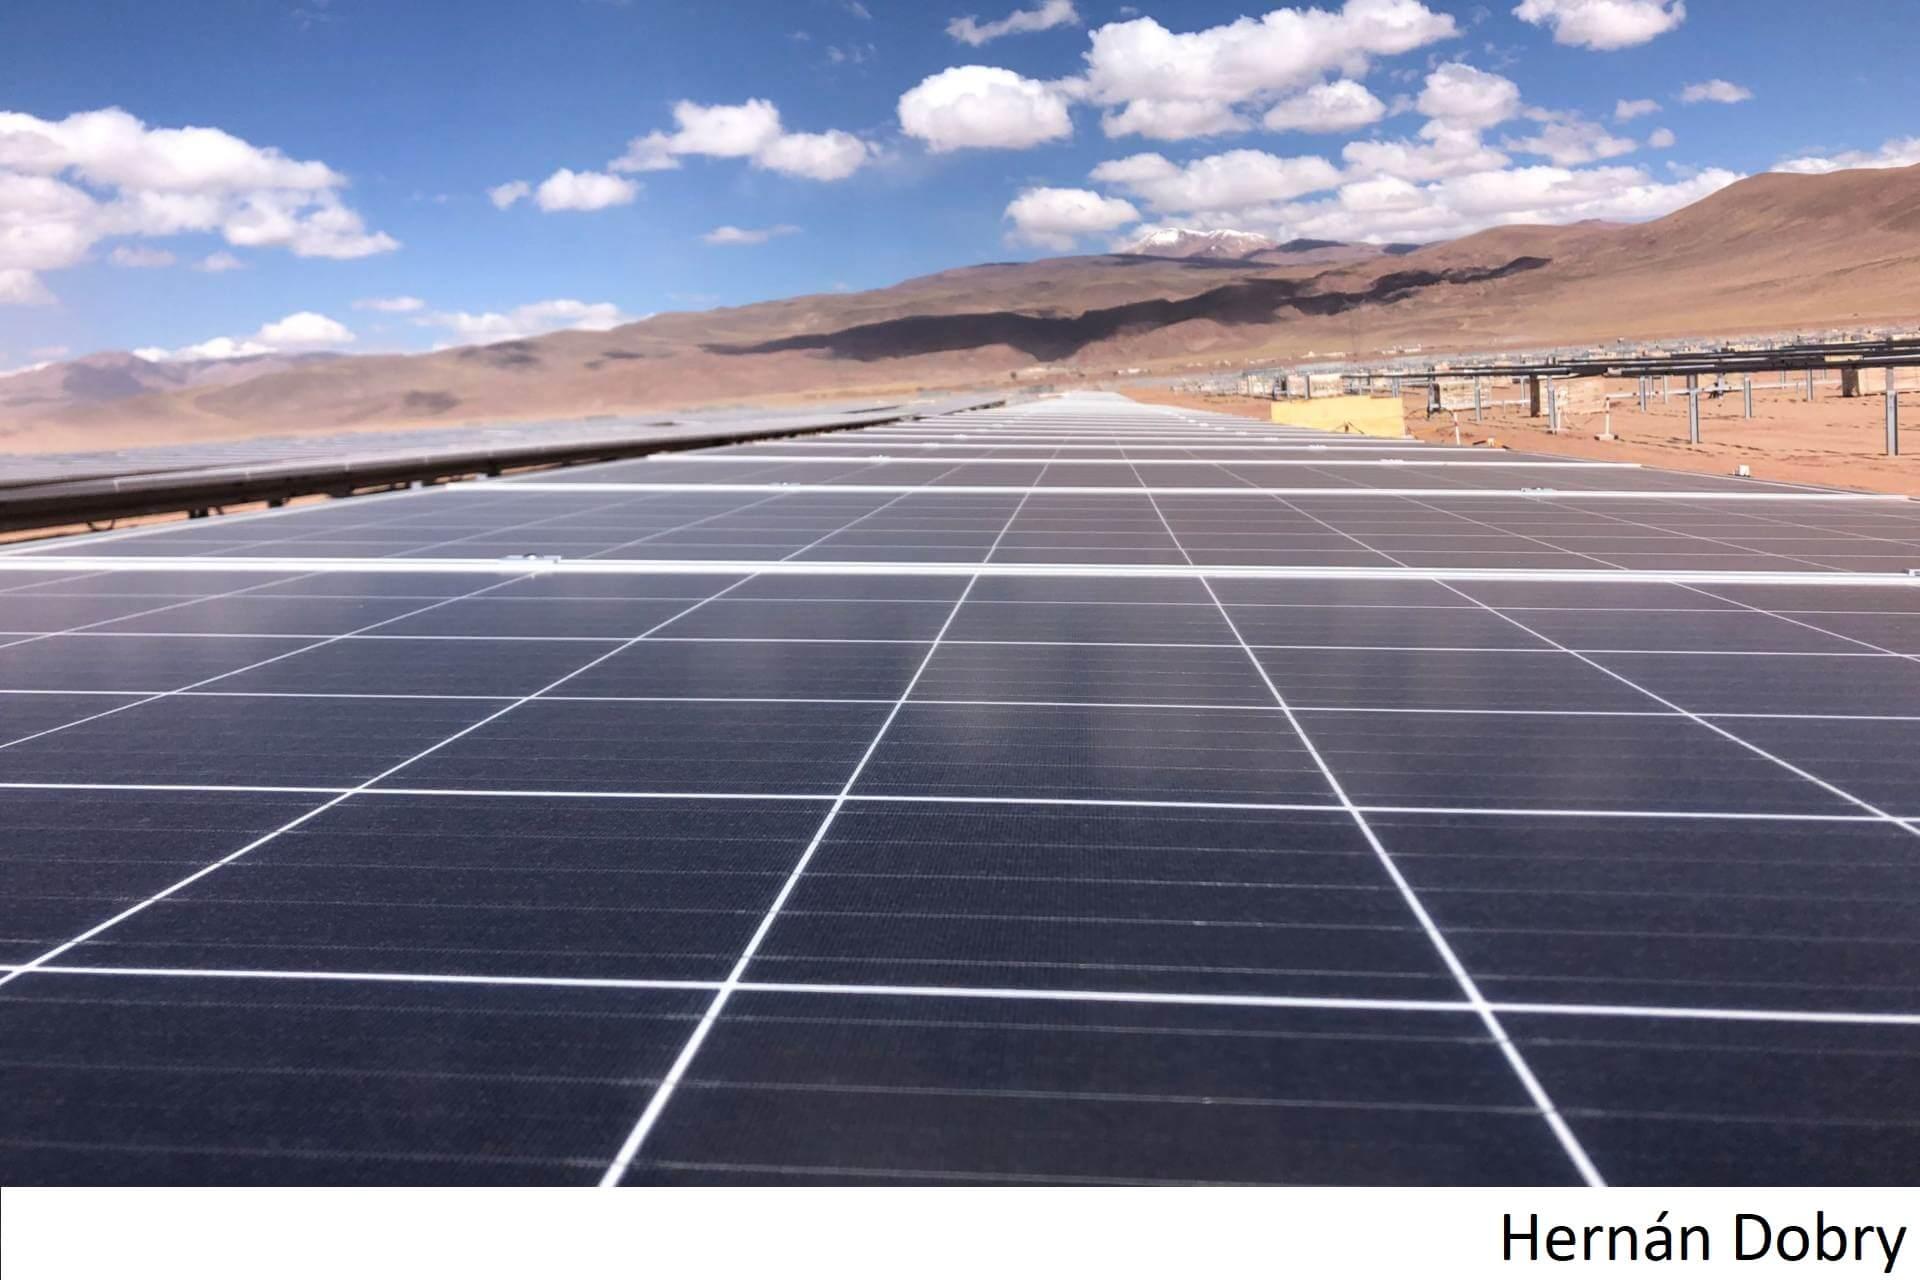 Jujuy advances with Cauchari solar park expansion